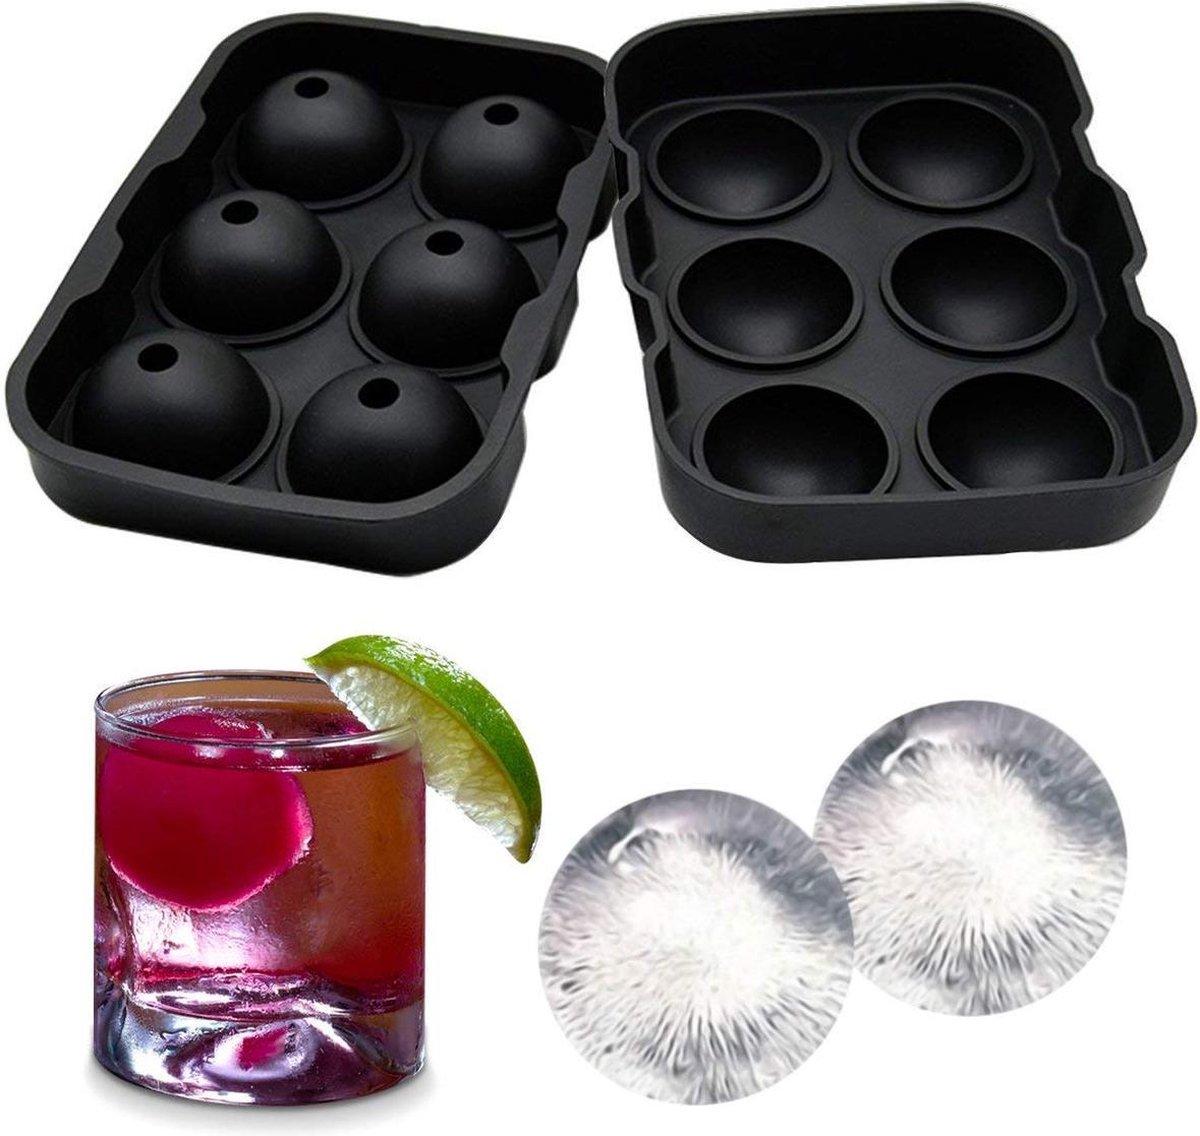 6 x Ice Ball Maker - Siliconen Dienblad met deksel - Makkelijk in te vullen, te gebruiken en te rein